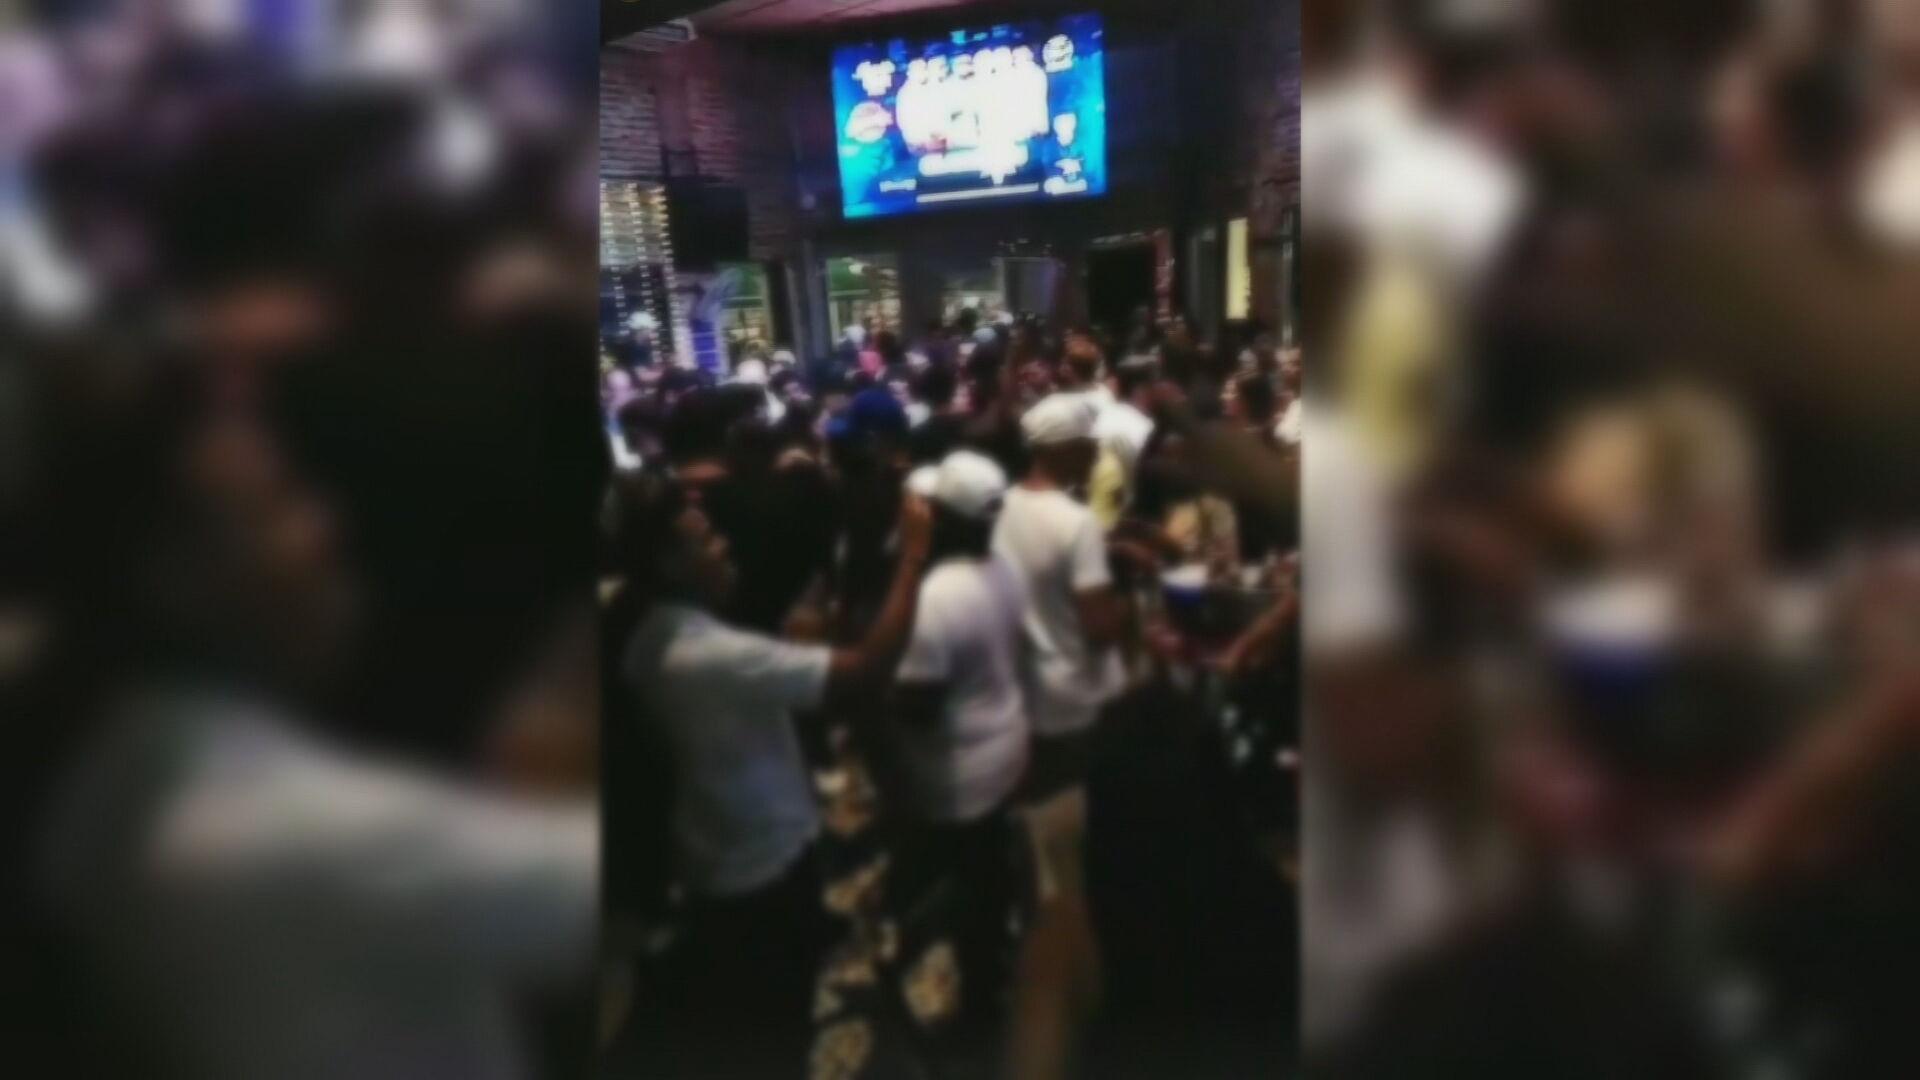 Festas no Rio têm aglomeração e pessoas sem máscara (04.jan.2021)